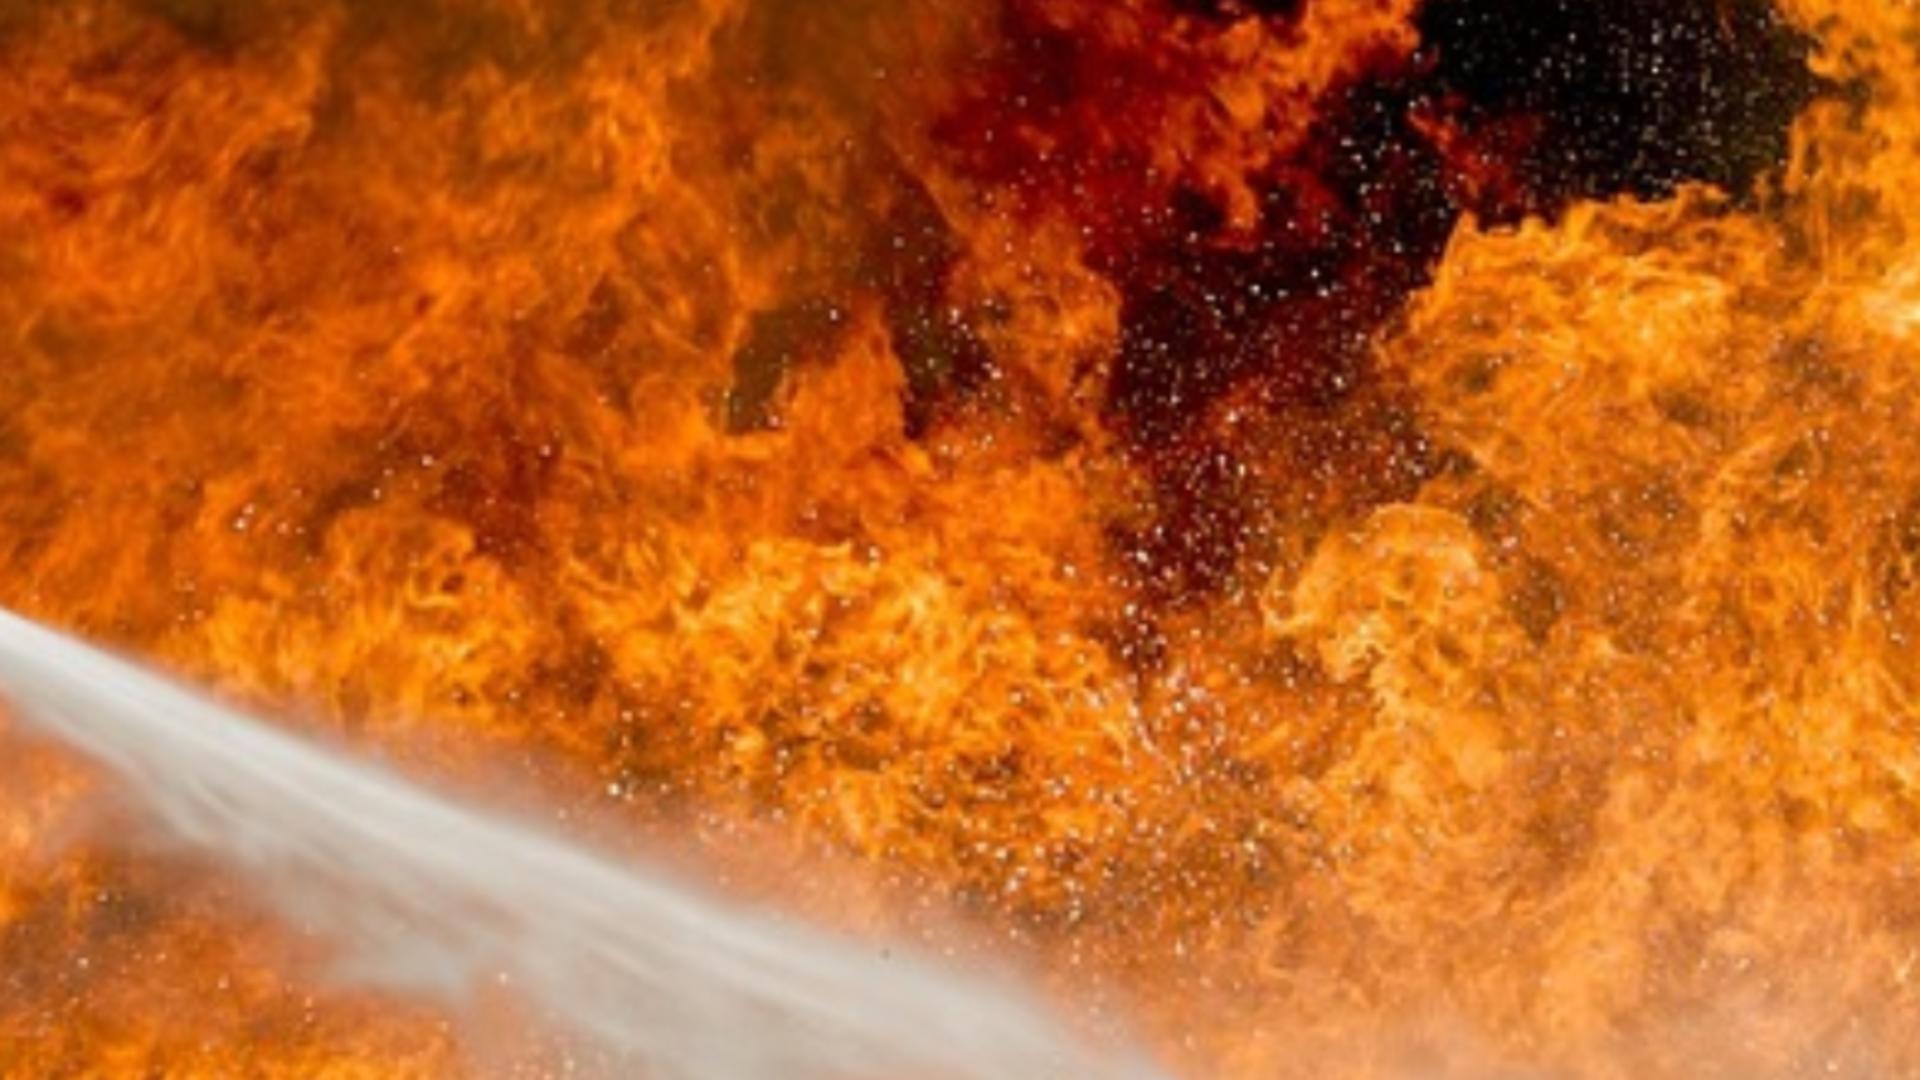 România, marcată de tragedii cumplite în ultimii ani, este vicecampioană în UE la banii cheltuiți pentru protecția la incendii - Date oficiale